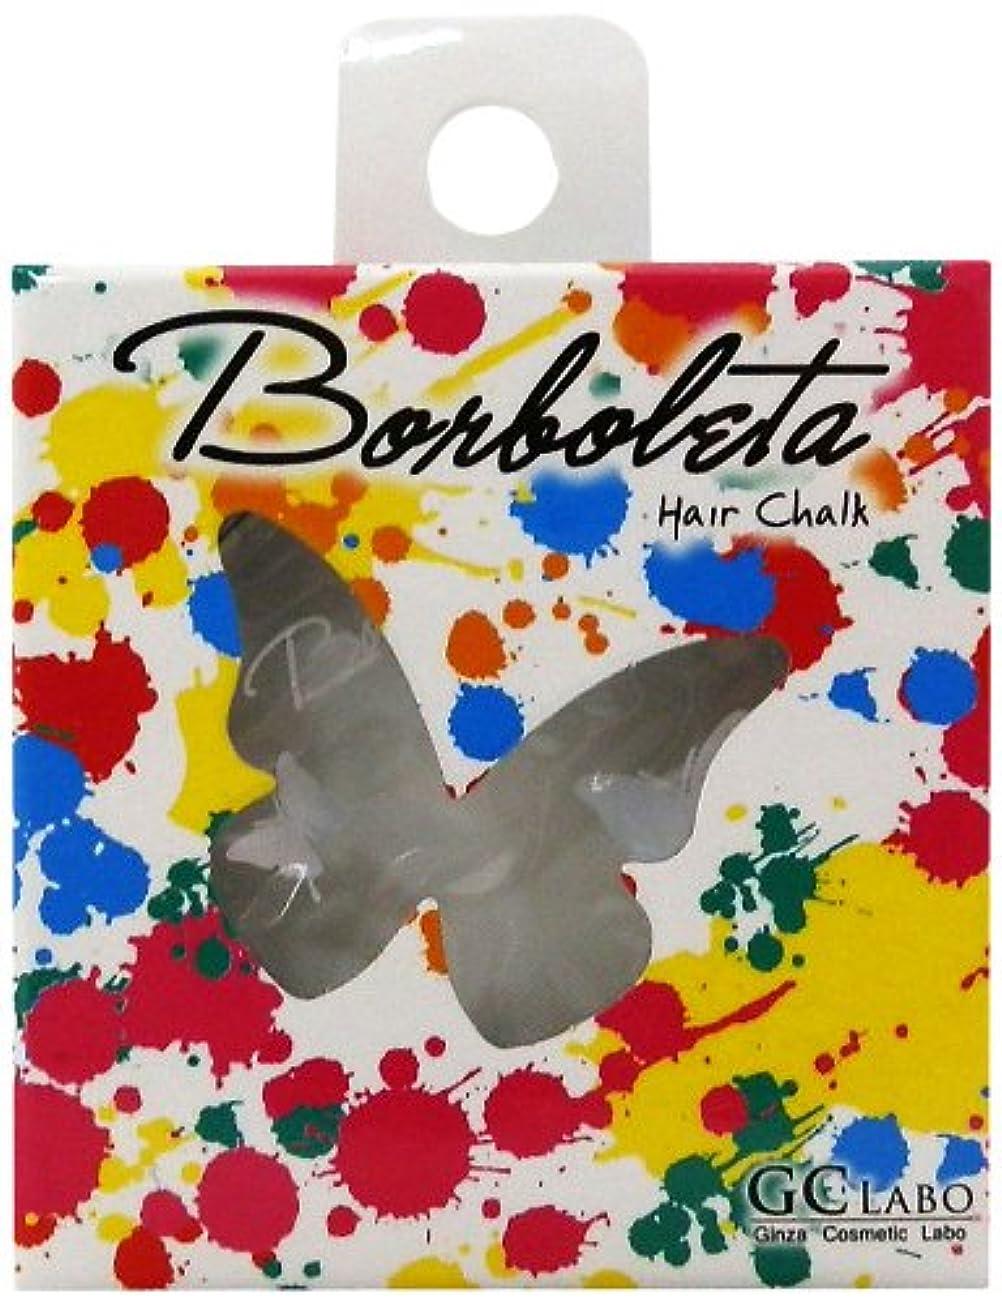 インポート海洋の爆発するBorBoLeta(ボルボレッタ)ヘアカラーチョーク ホワイト